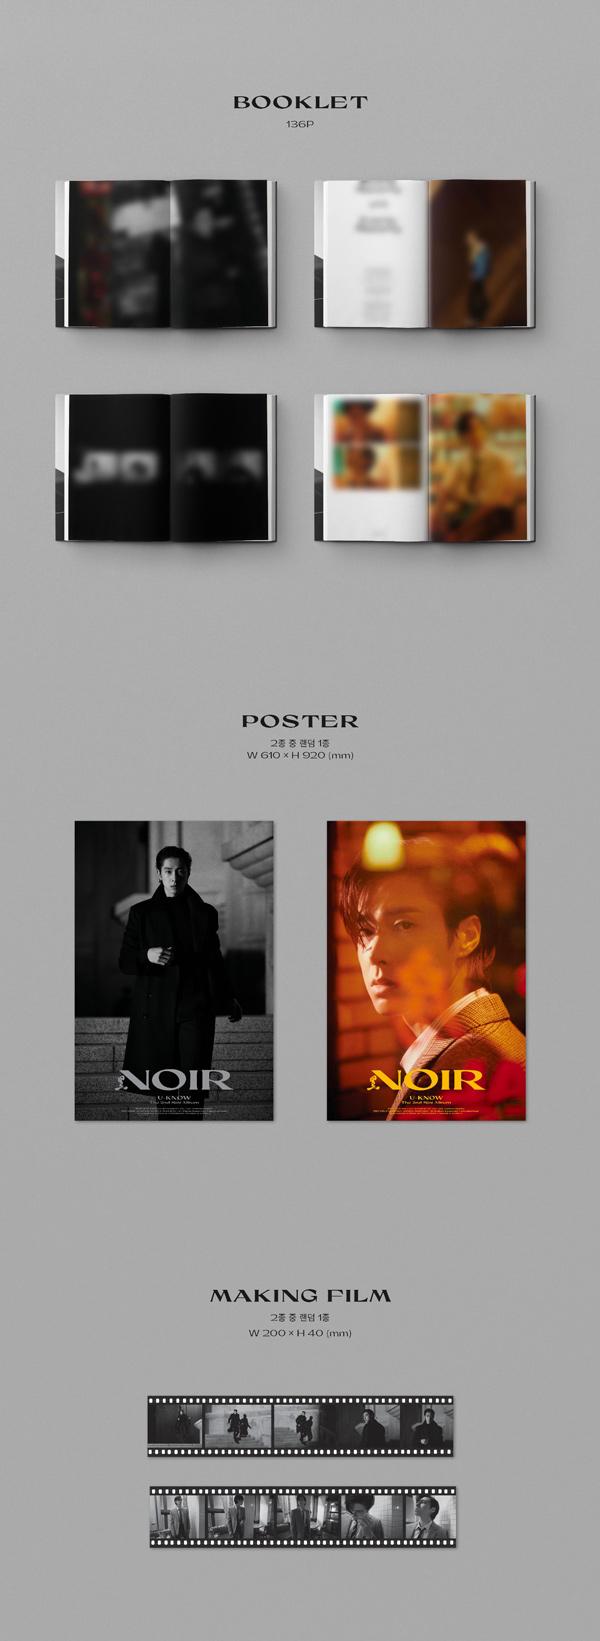 U-KNOW 유노윤호 The 2nd Mini Album [NOIR] Crank In Ver. - Album Details #2